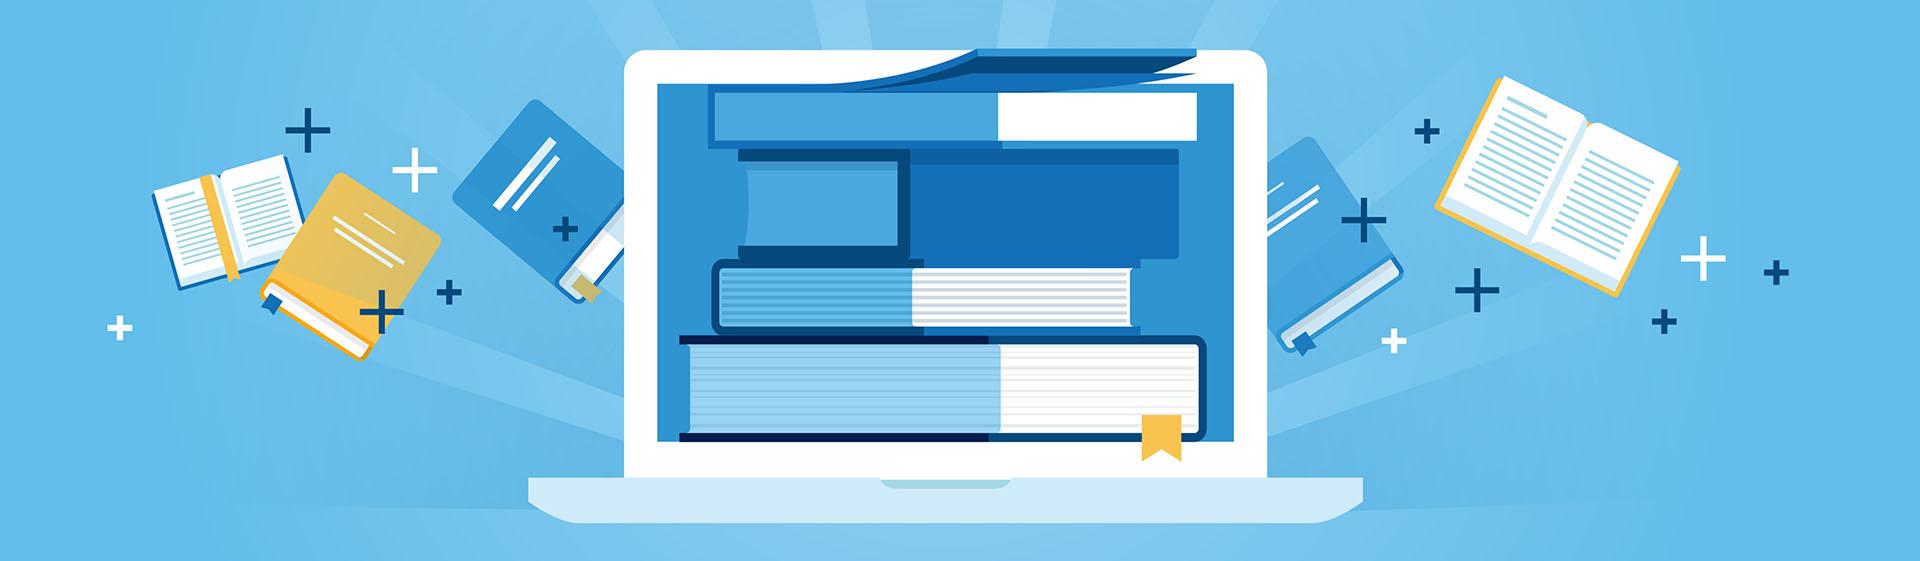 Afbeelding PC en boeken